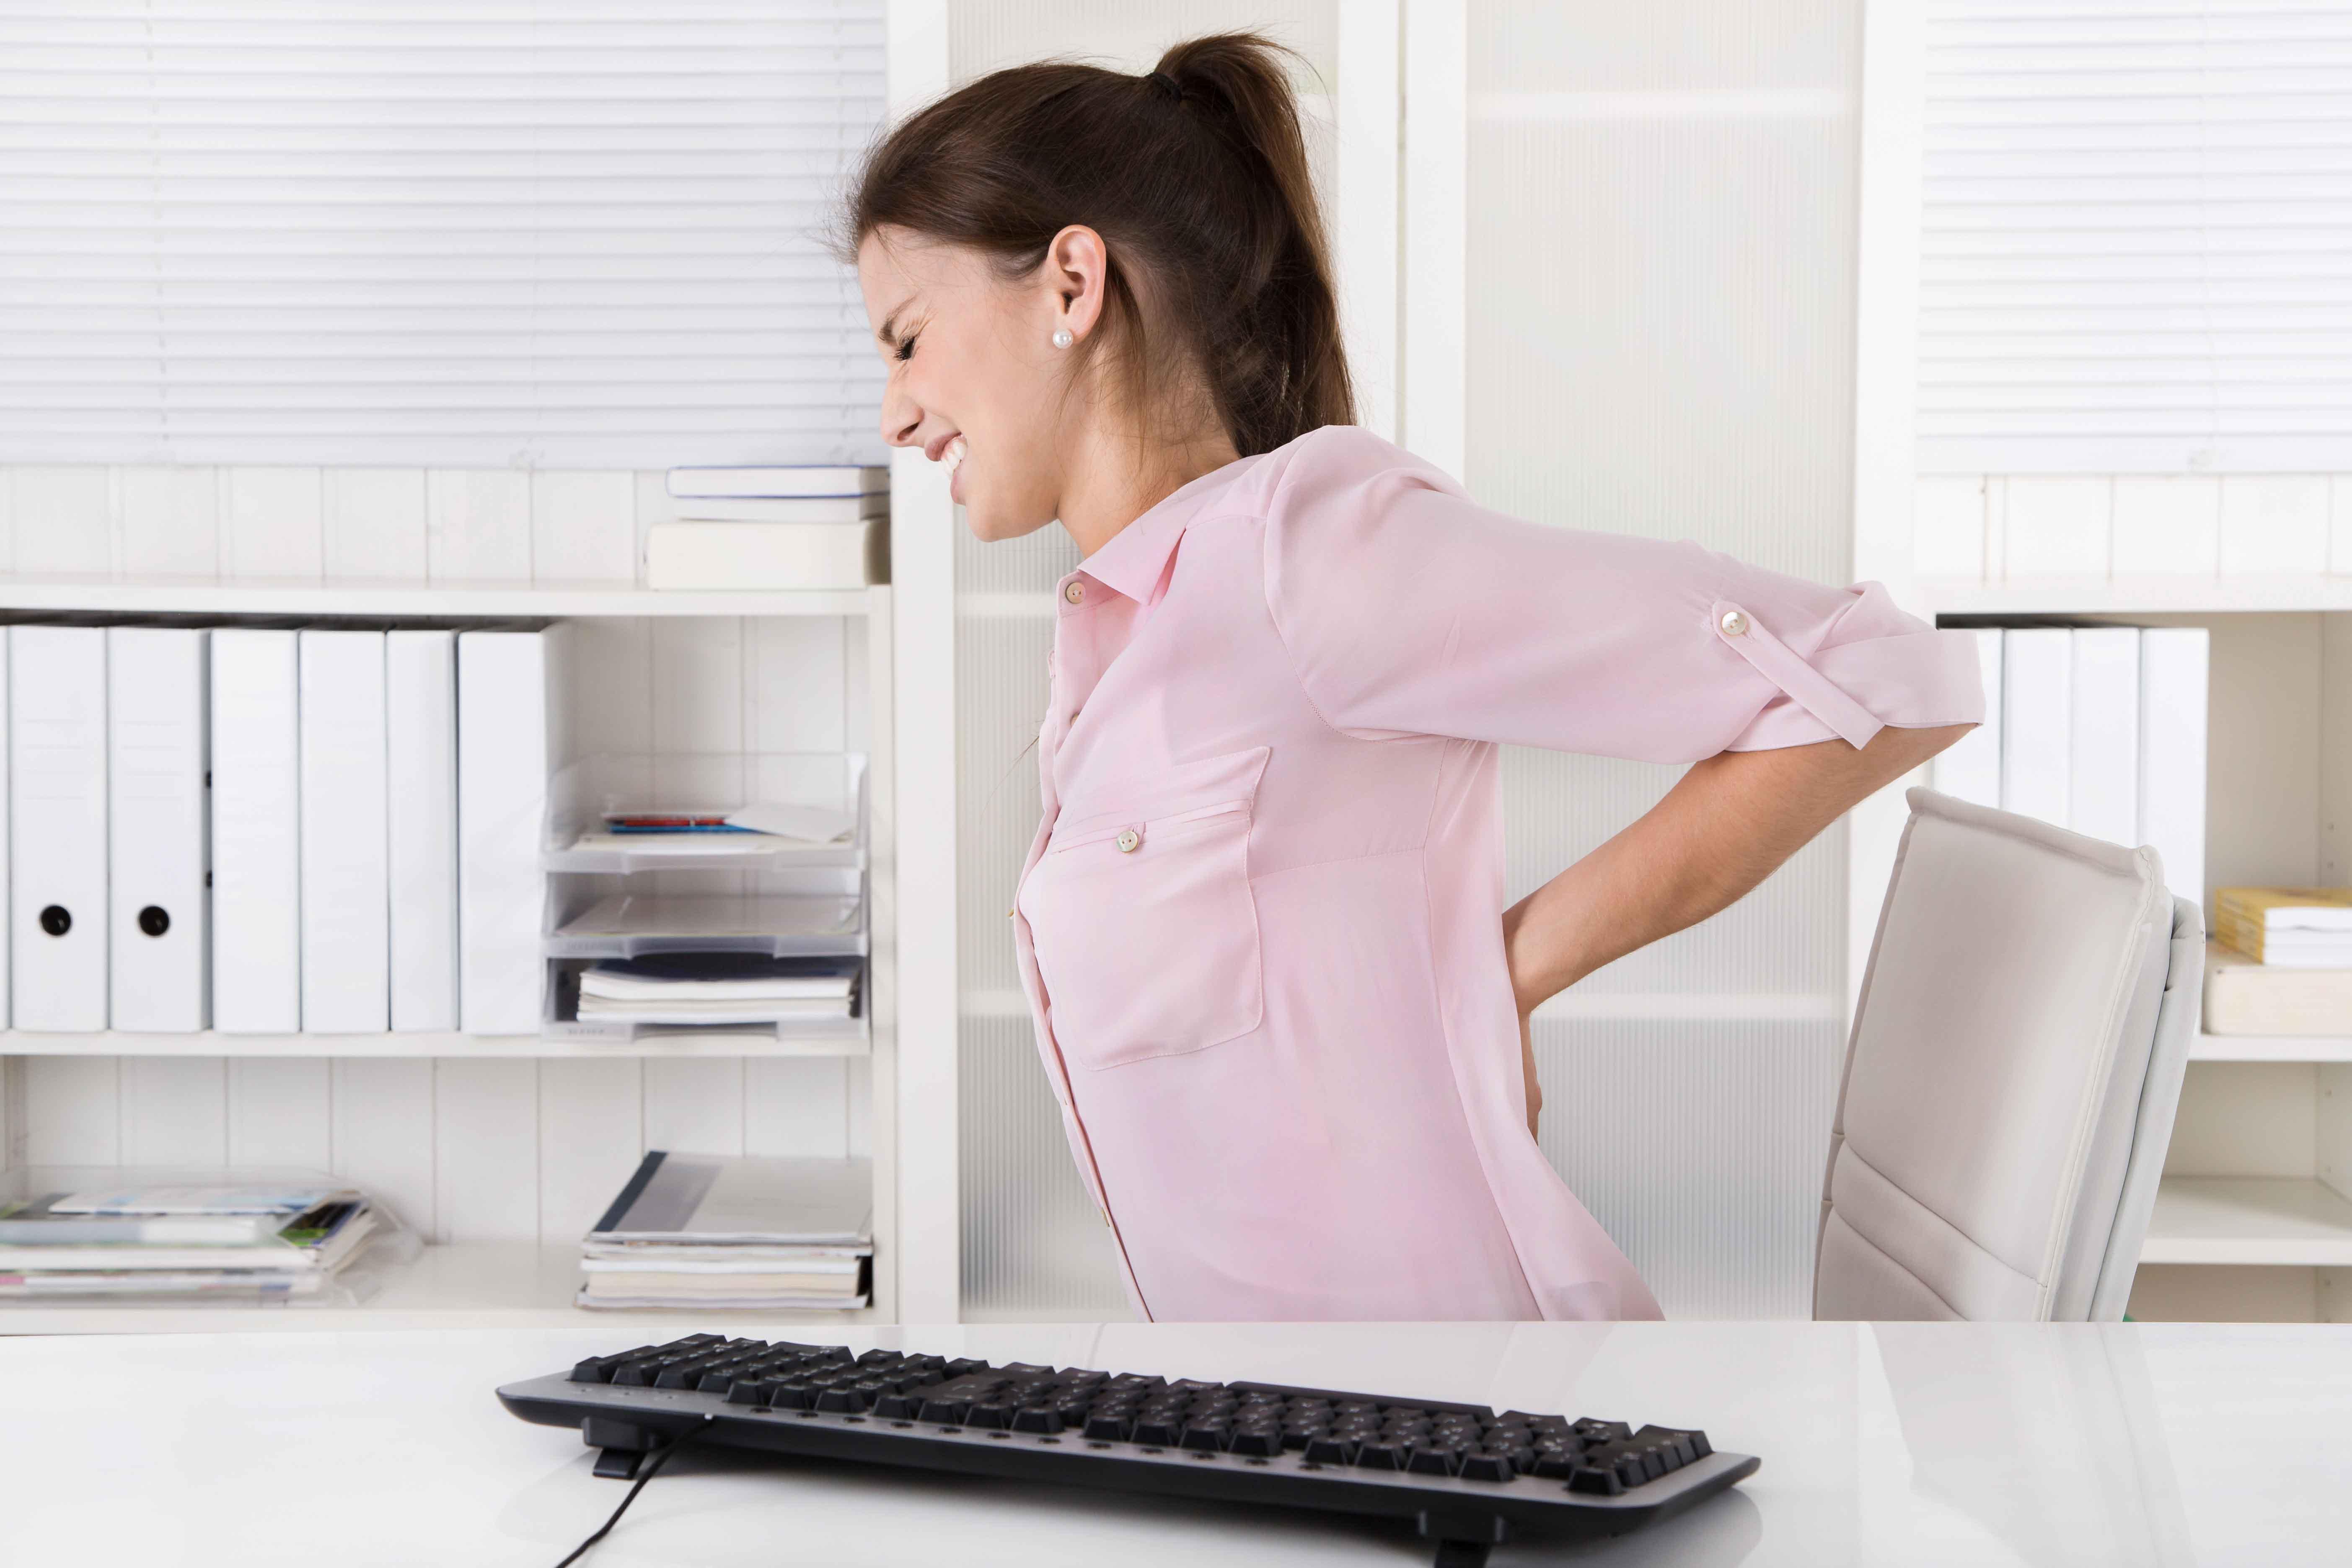 Chica en silla de oficina con dolor de espalda